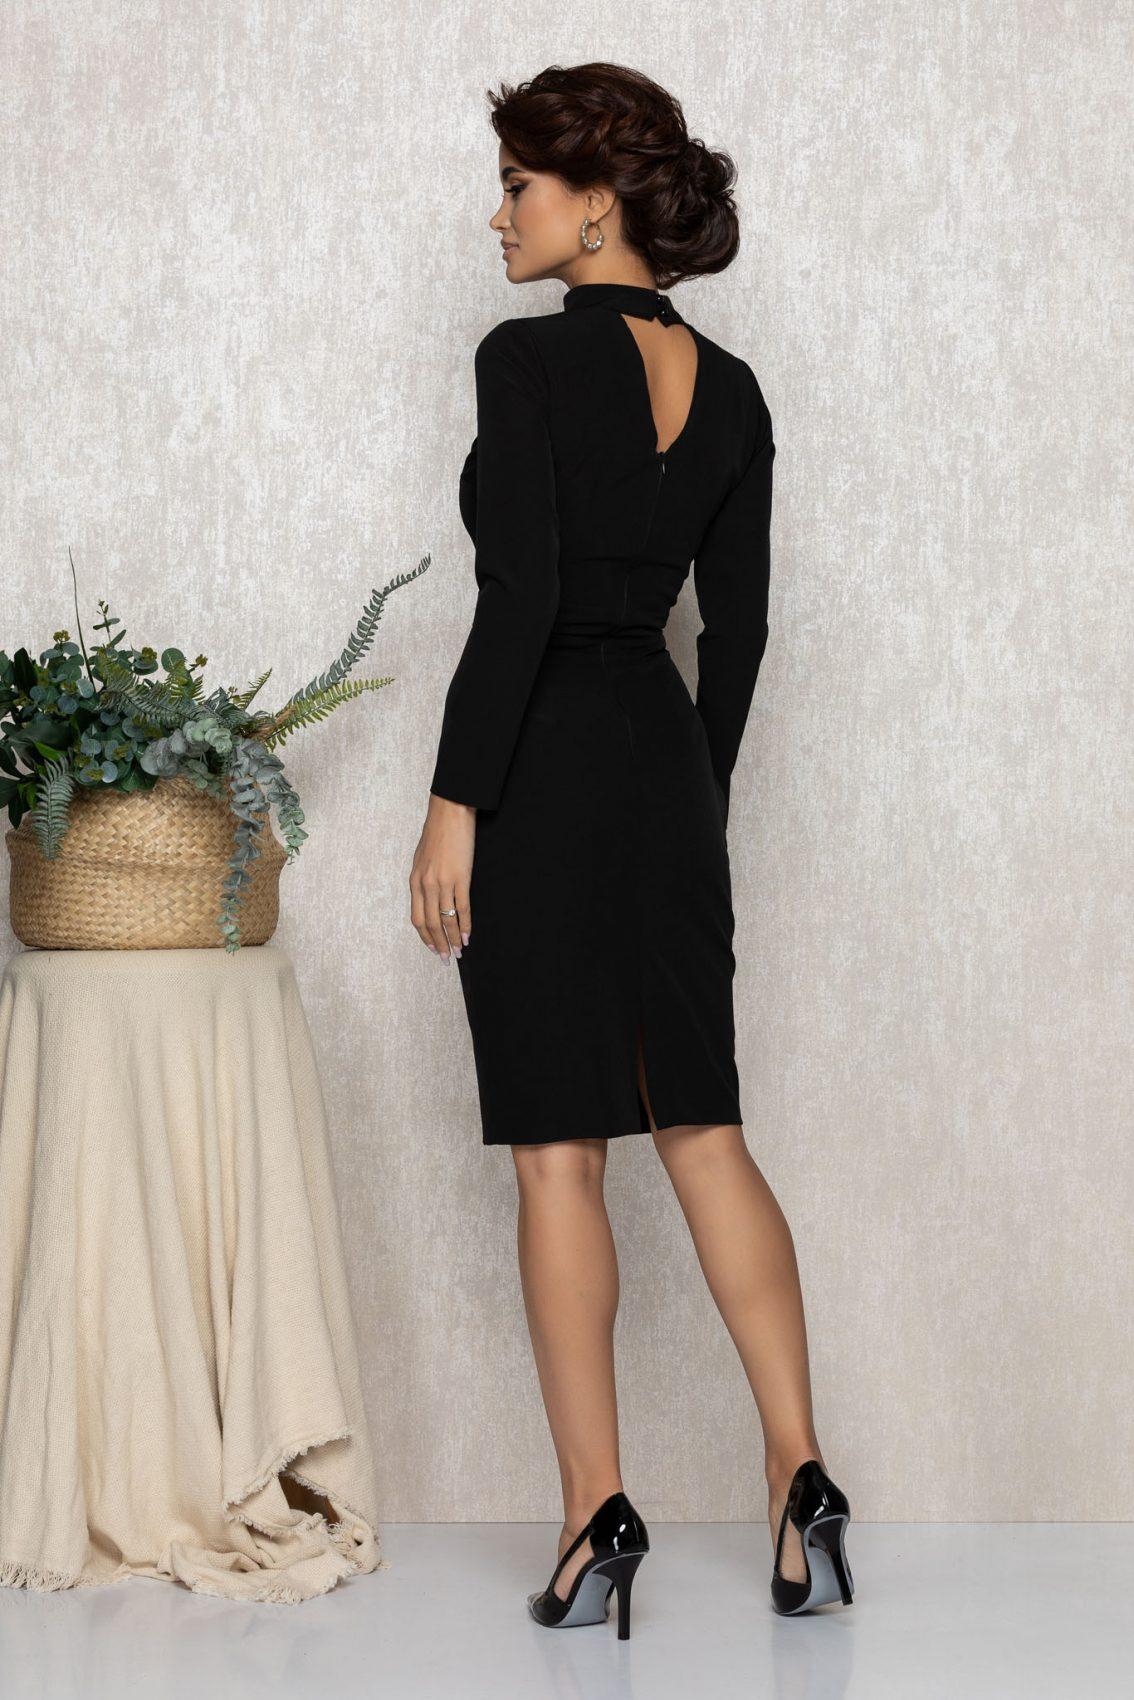 Μαύρο Βραδινό Φόρεμα Andrada T177 2